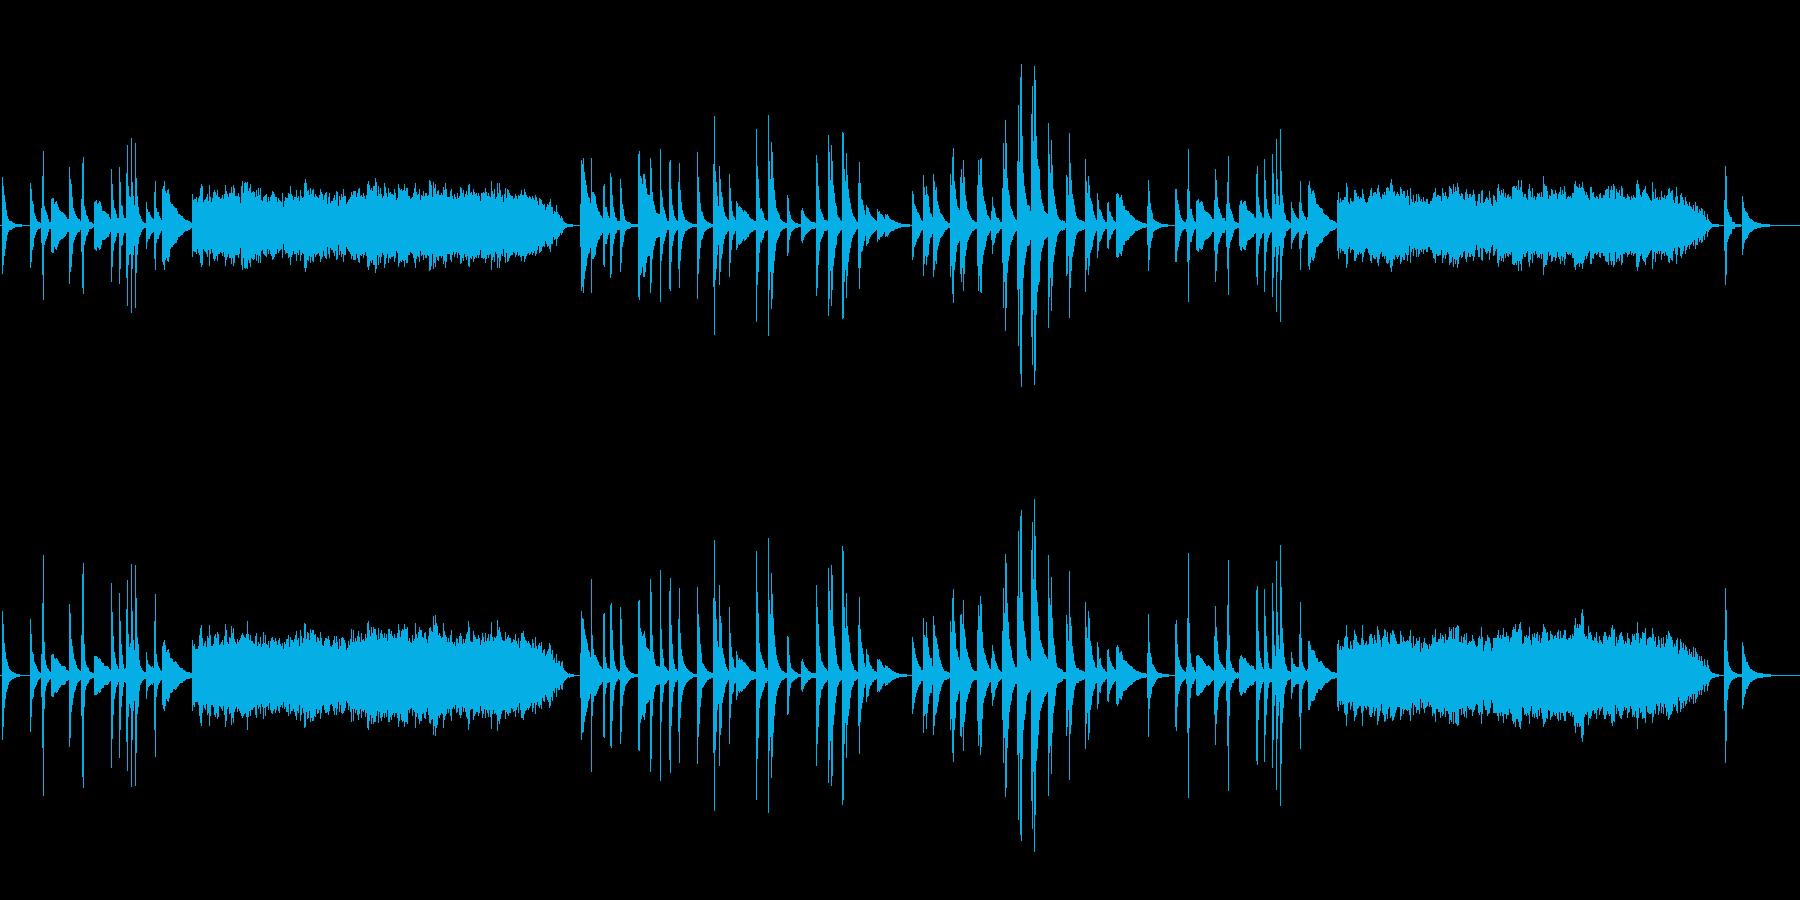 静寂の中のピアニズム(淡々とした調べ)の再生済みの波形